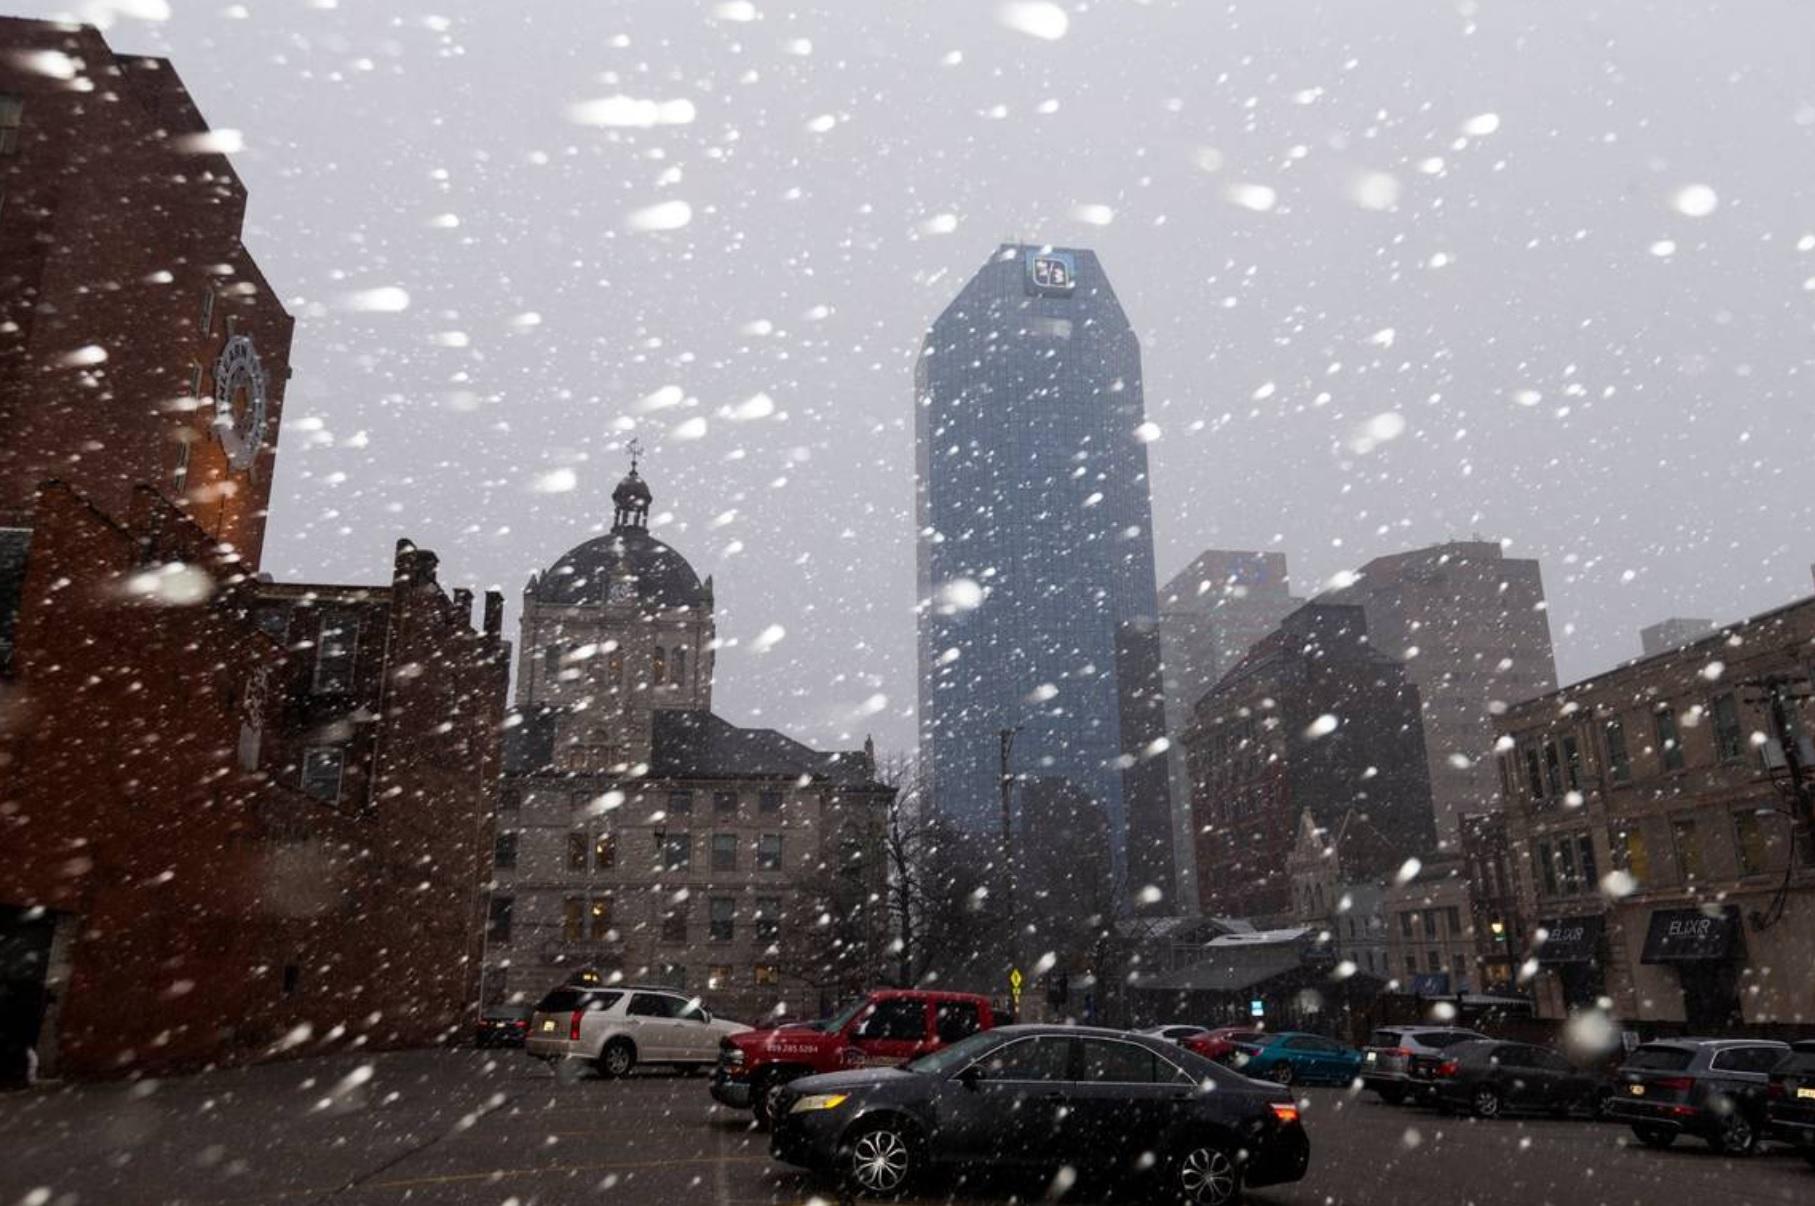 2021-01-28 Snow in Fayette